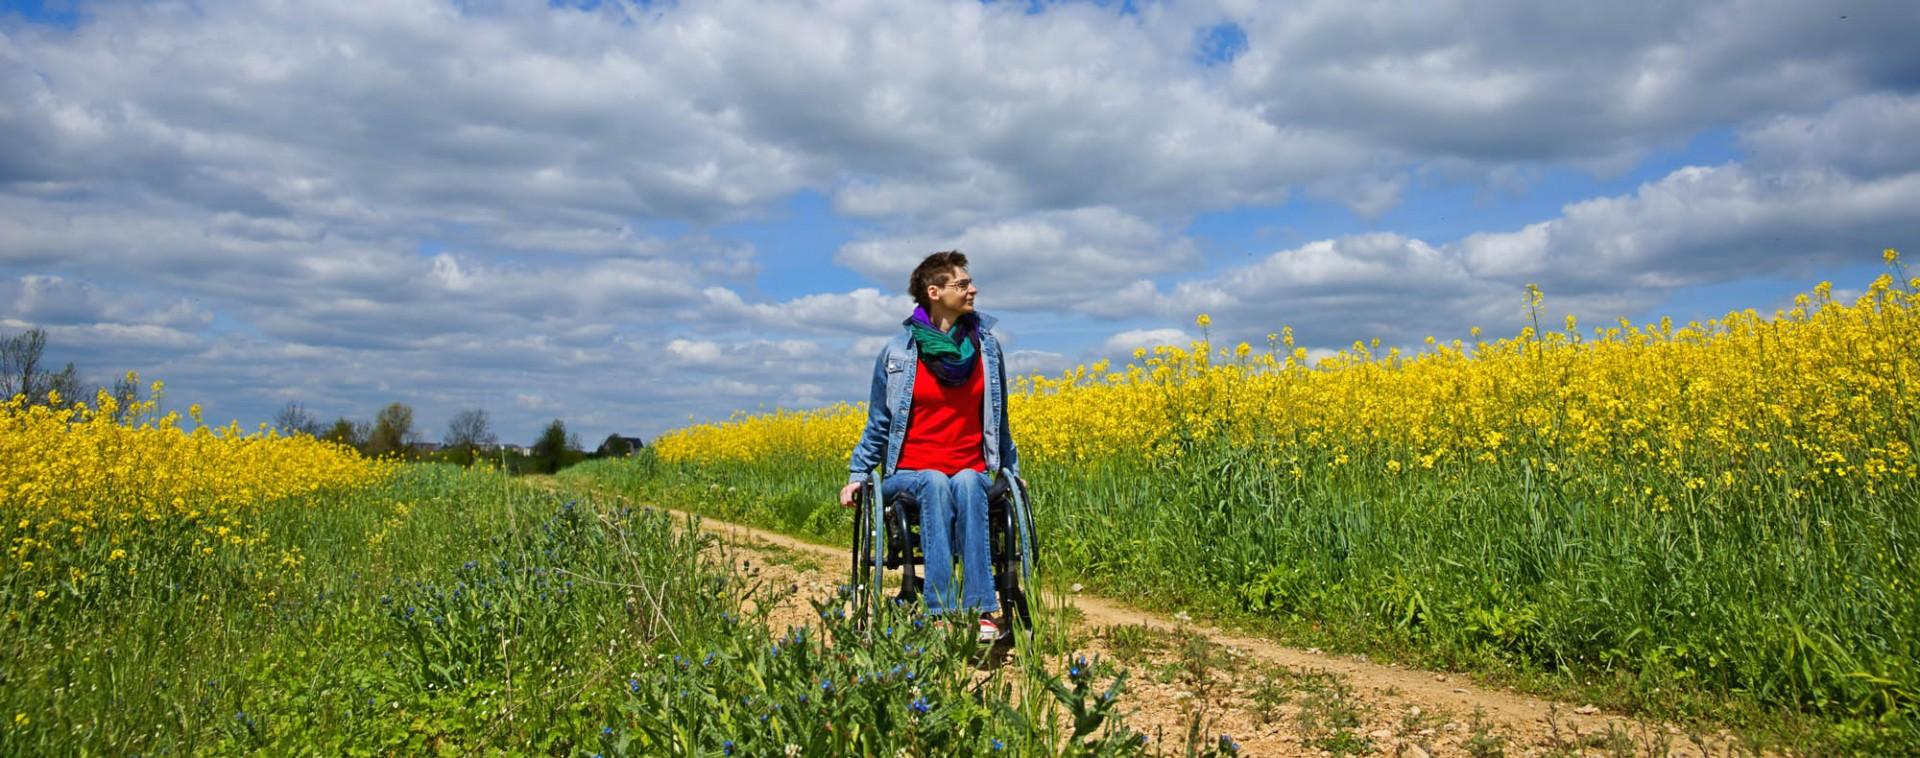 Toegankelijke wandelingen voor mensen met beperkte mobiliteit | © ThinkstockPhotos